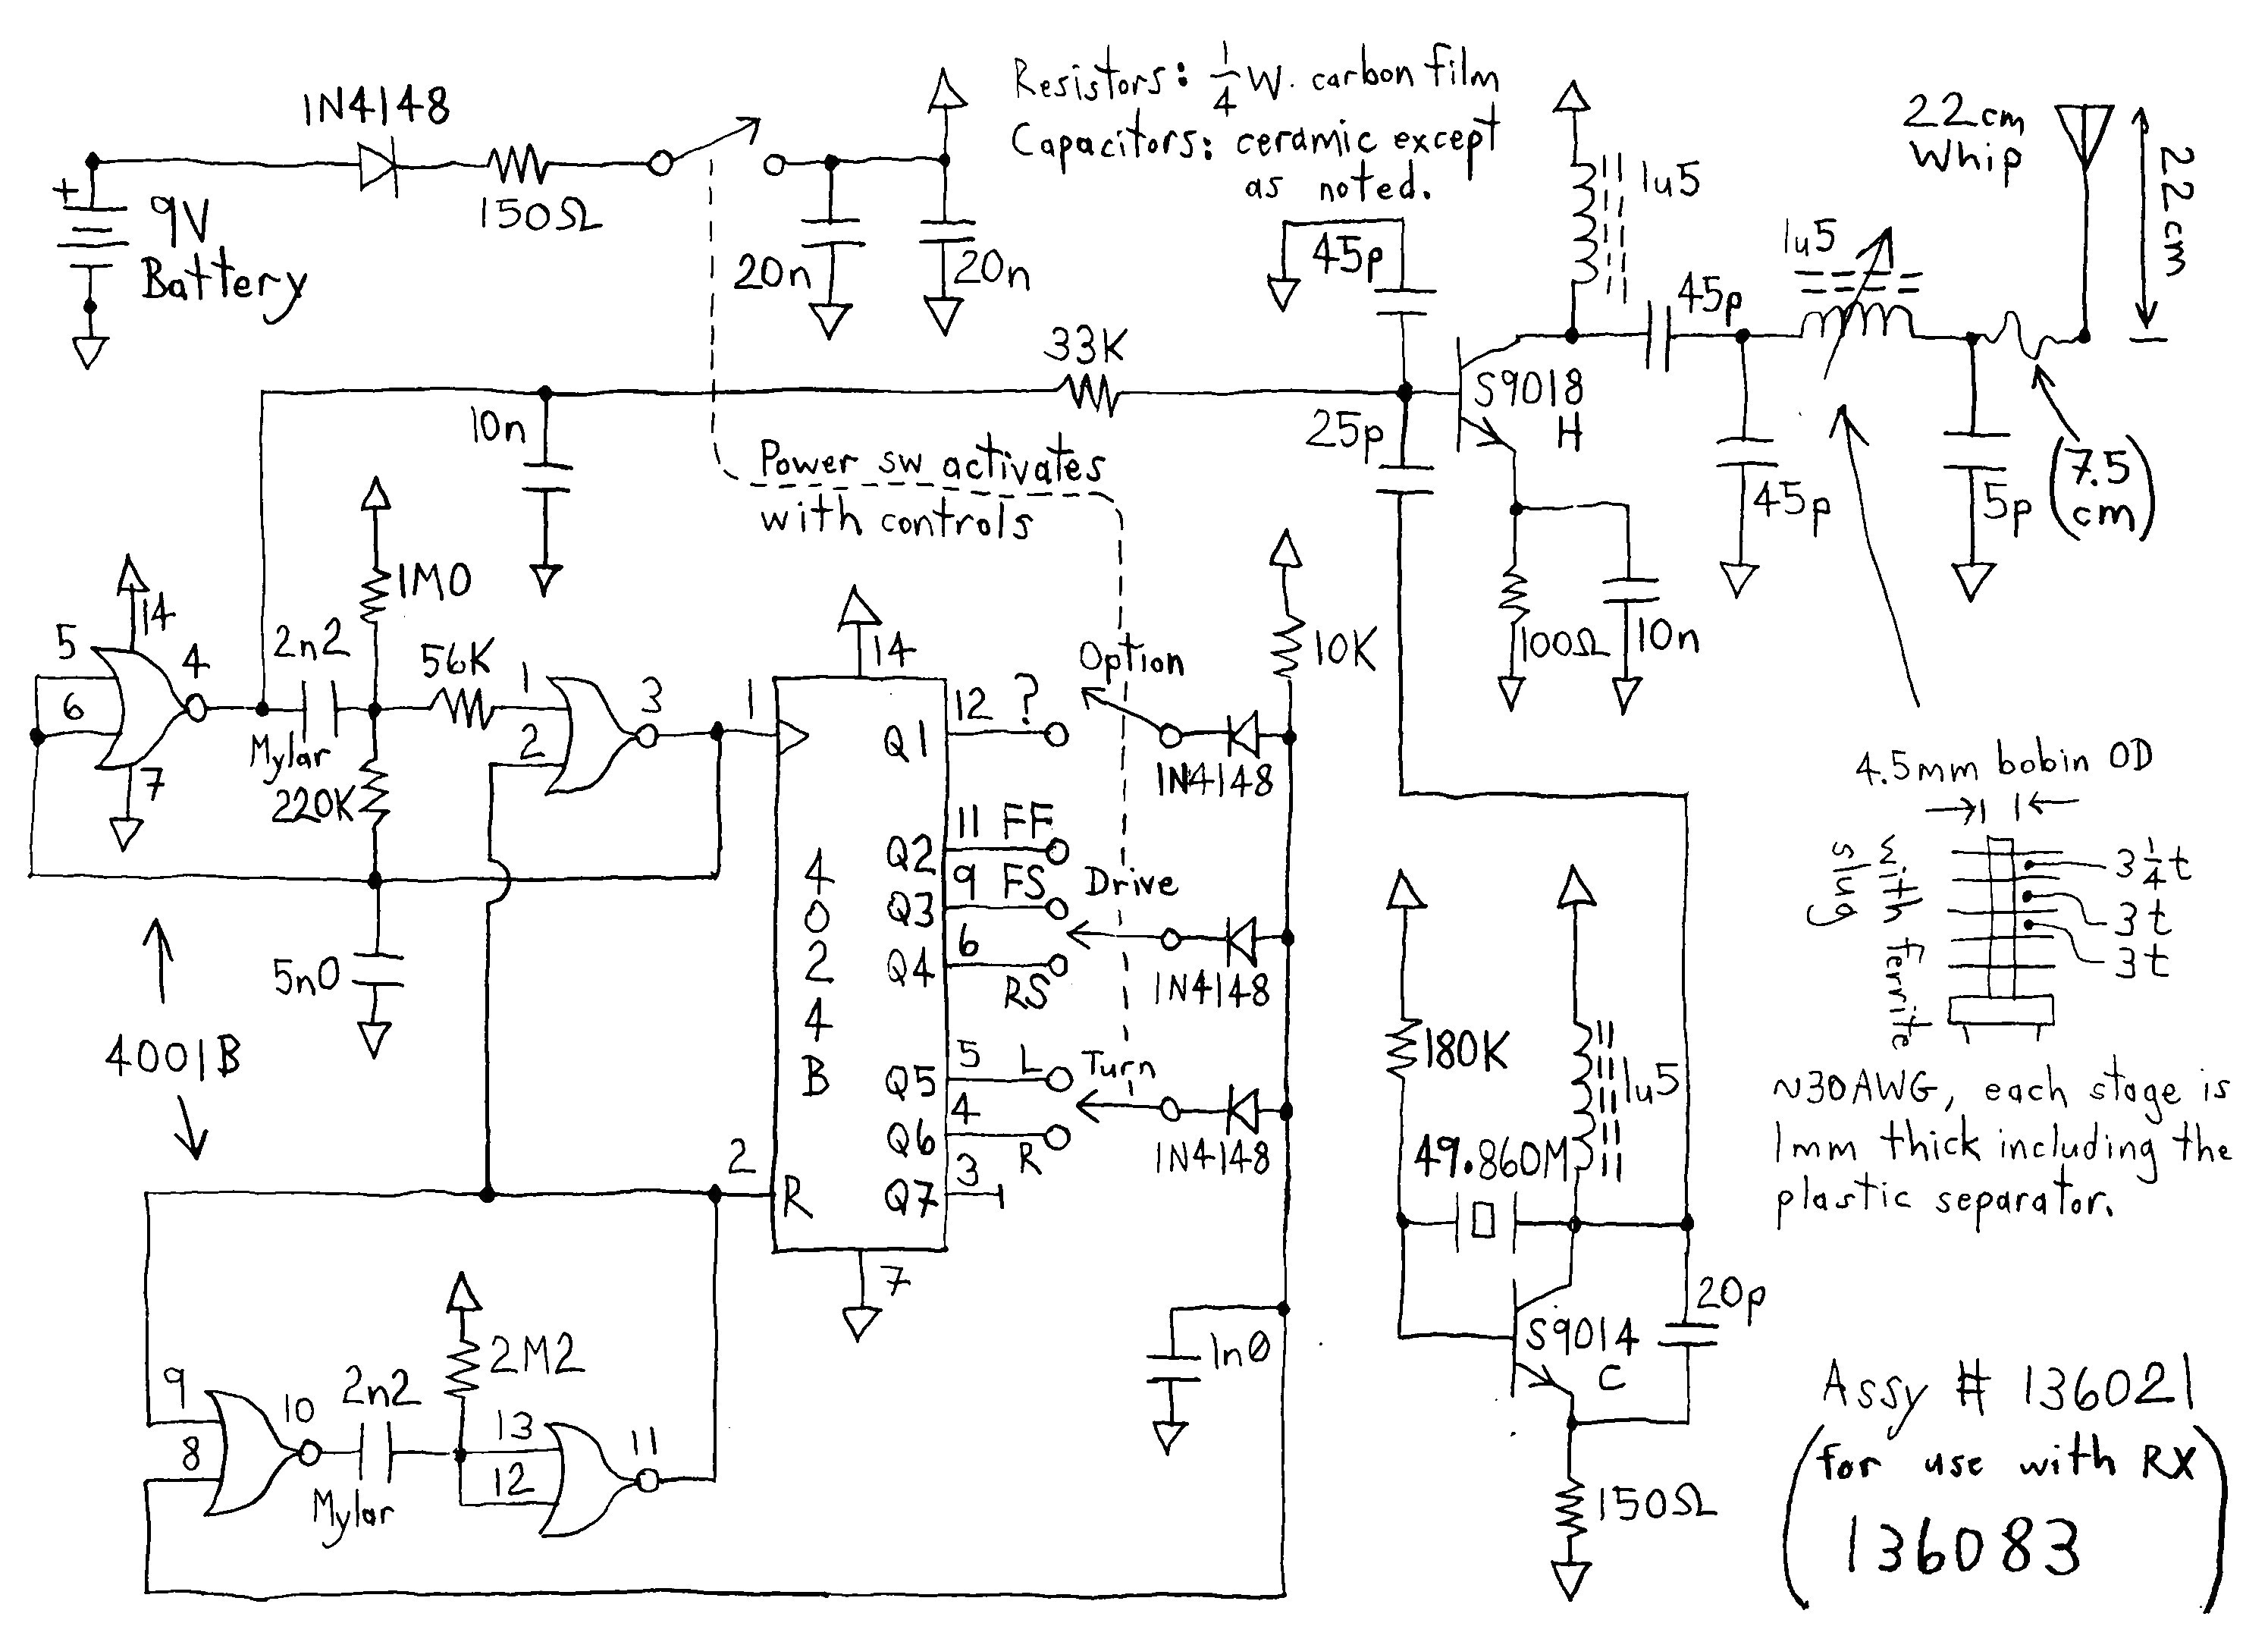 wiring diagram of zen car wiring diagram m6 wiring diagram of a car unique new wiring